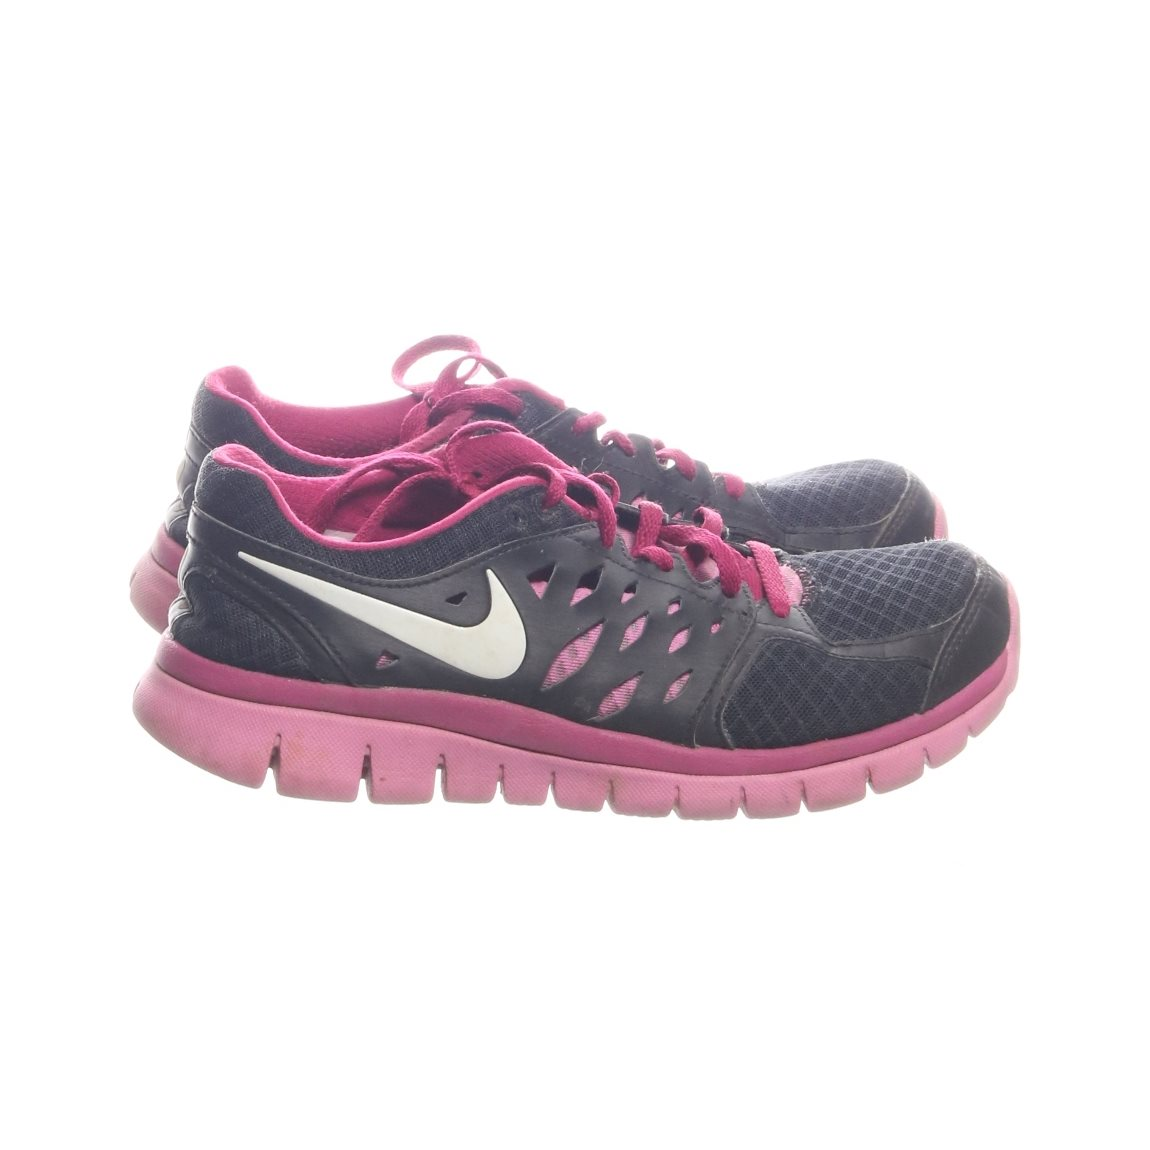 nike träningsskor rosa